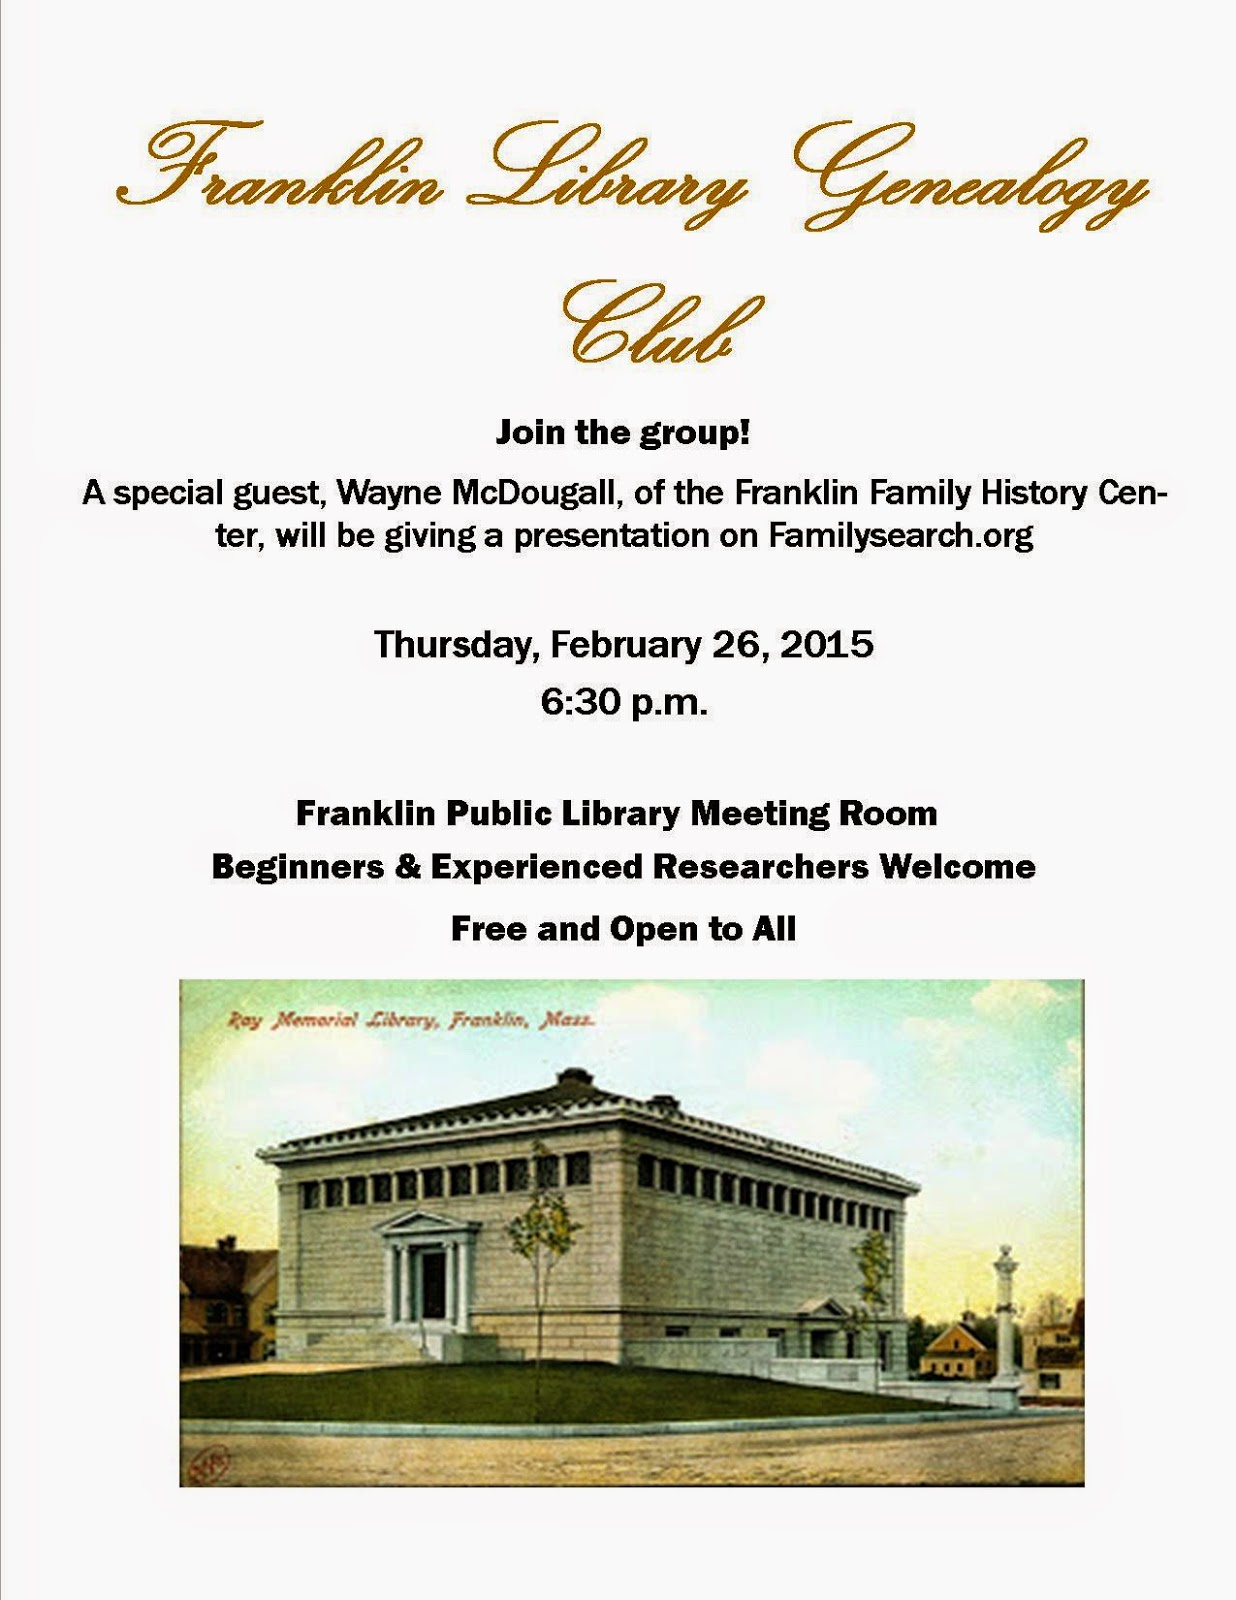 Geneology Club meeting Thursday, Feb 26th